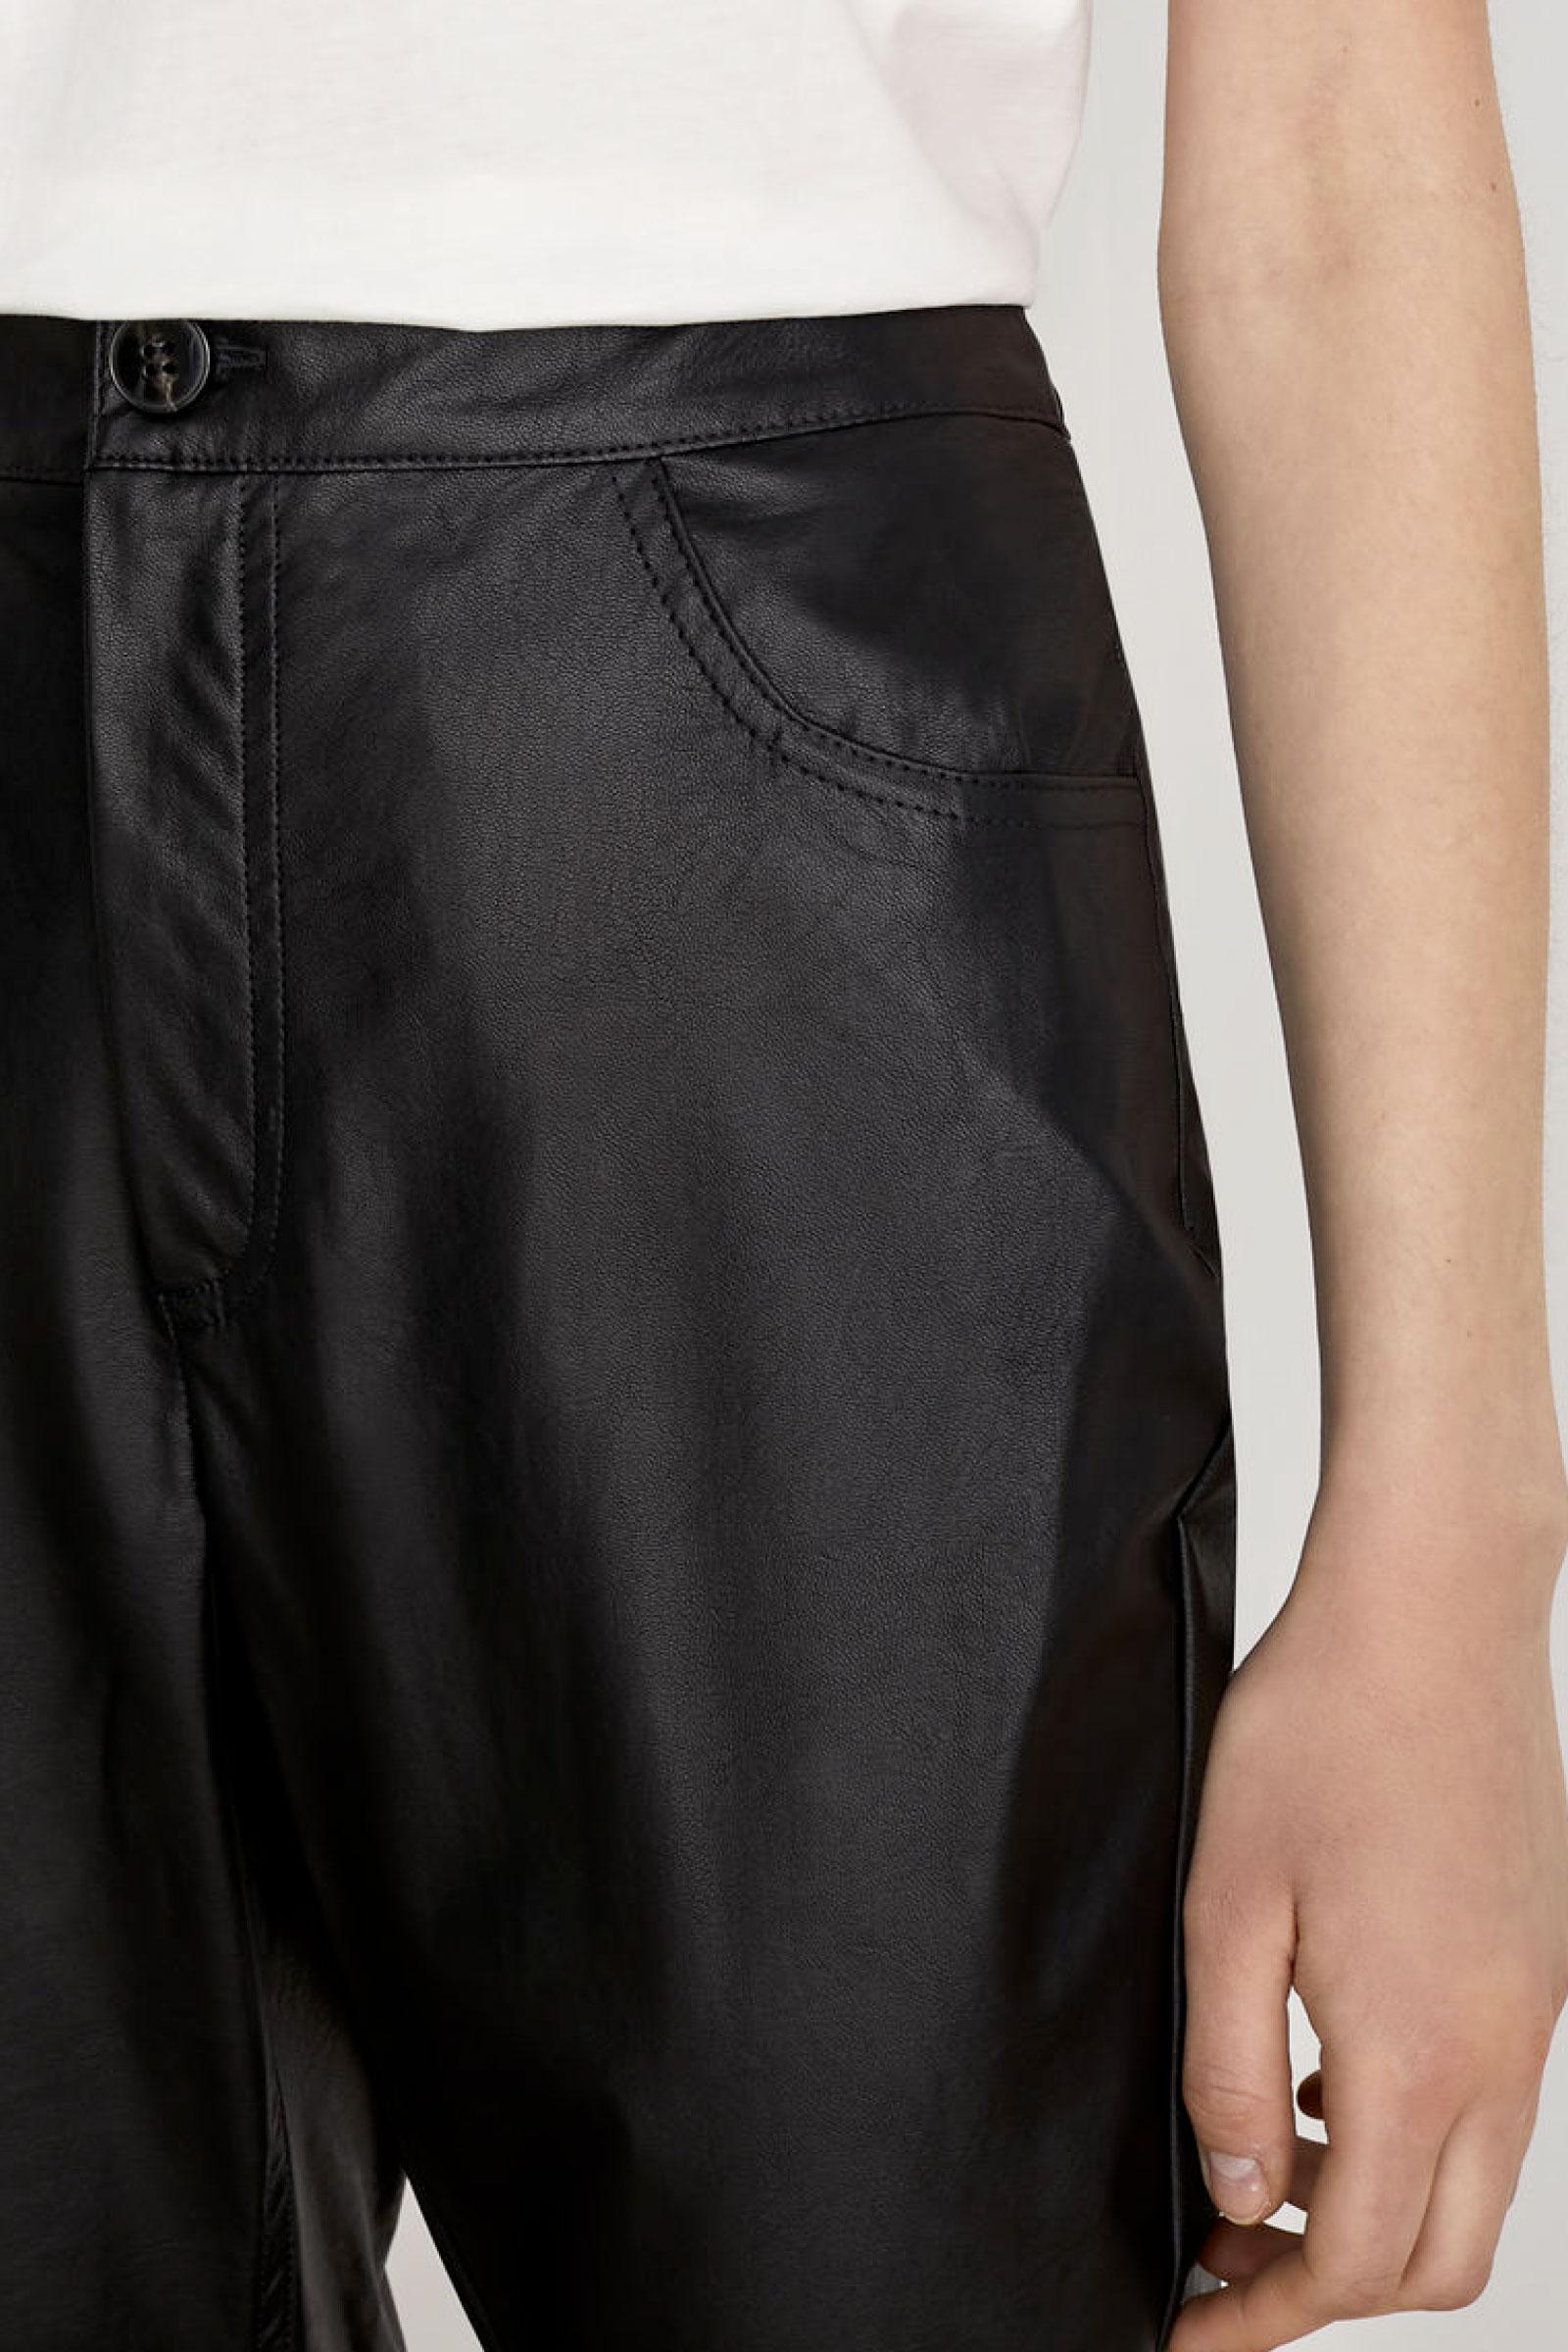 Pantalone Donna Modello COPY EMME MARELLA | Pantalone | 51361619200003